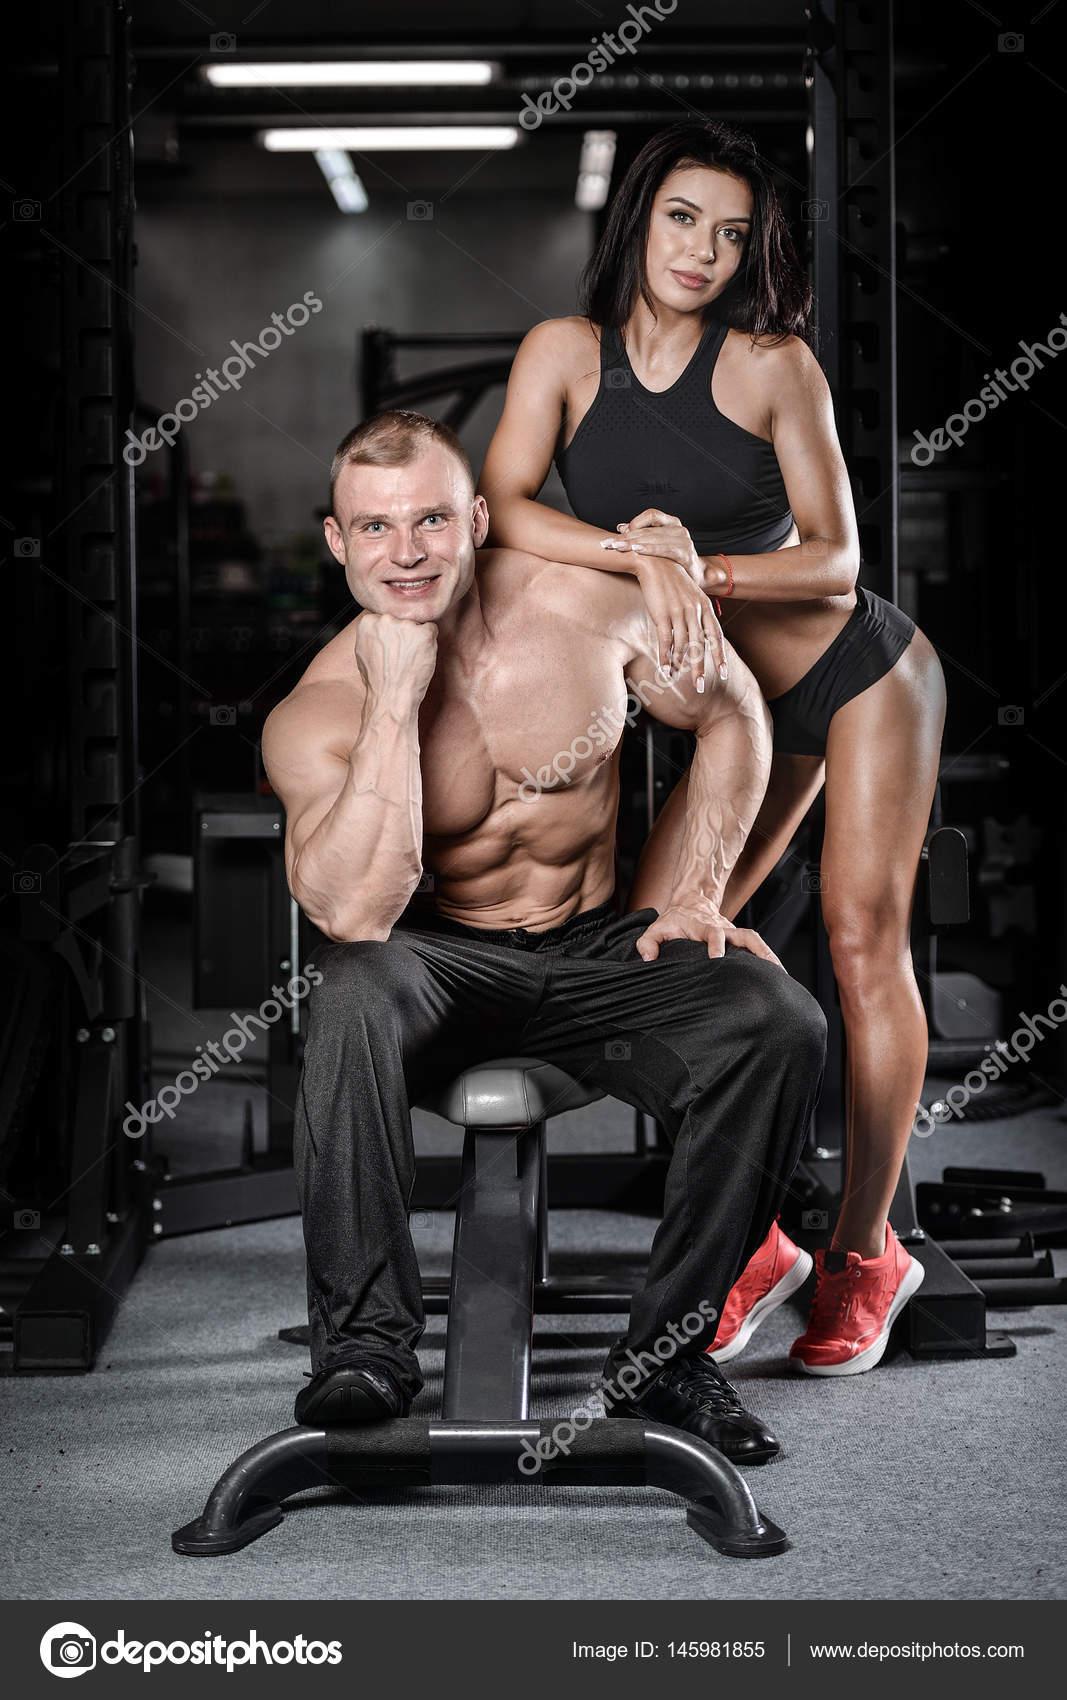 sexy Fotos Mann und Frau